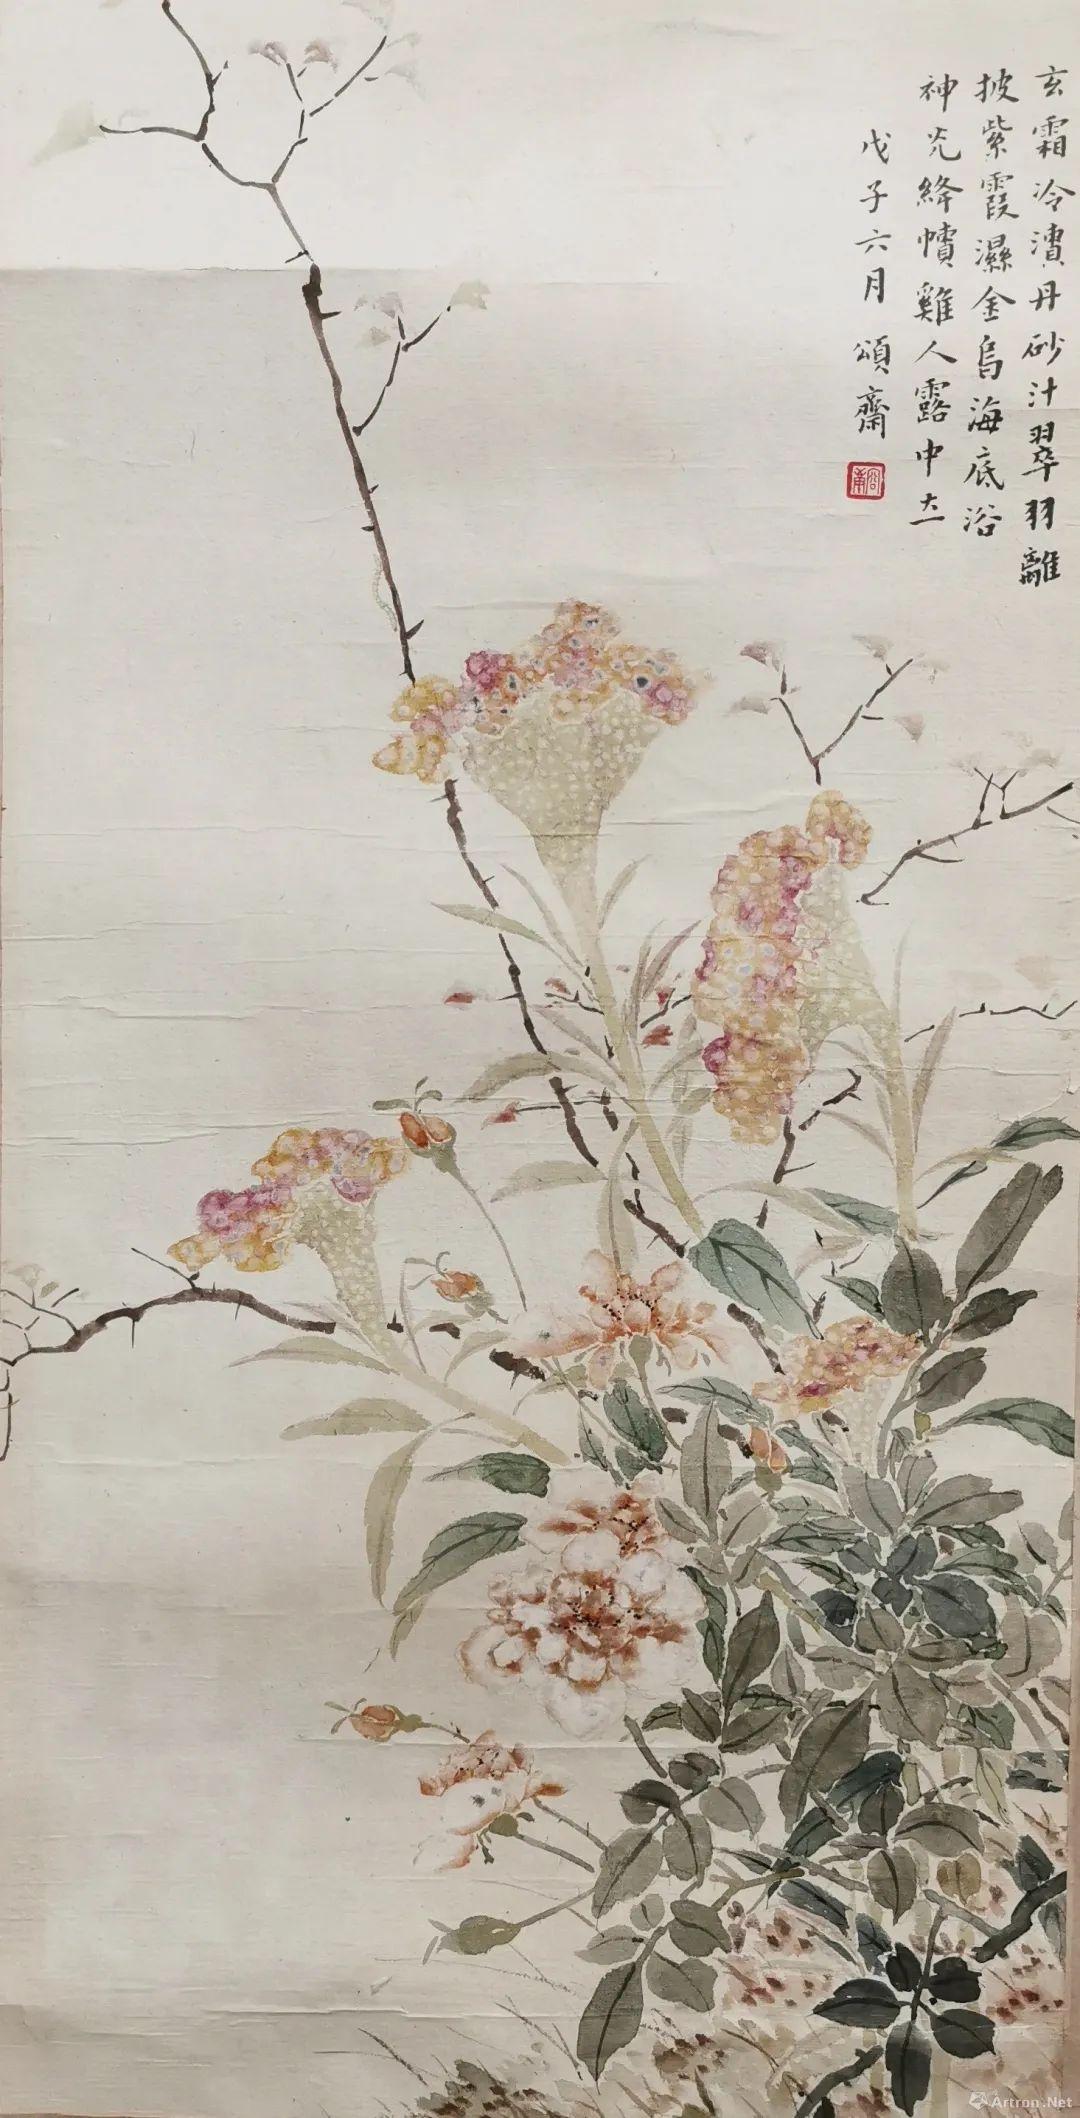 ▲容庚 绛帻鸡人露中立 63×32cm 纸本设色 1948年 中国美术馆藏